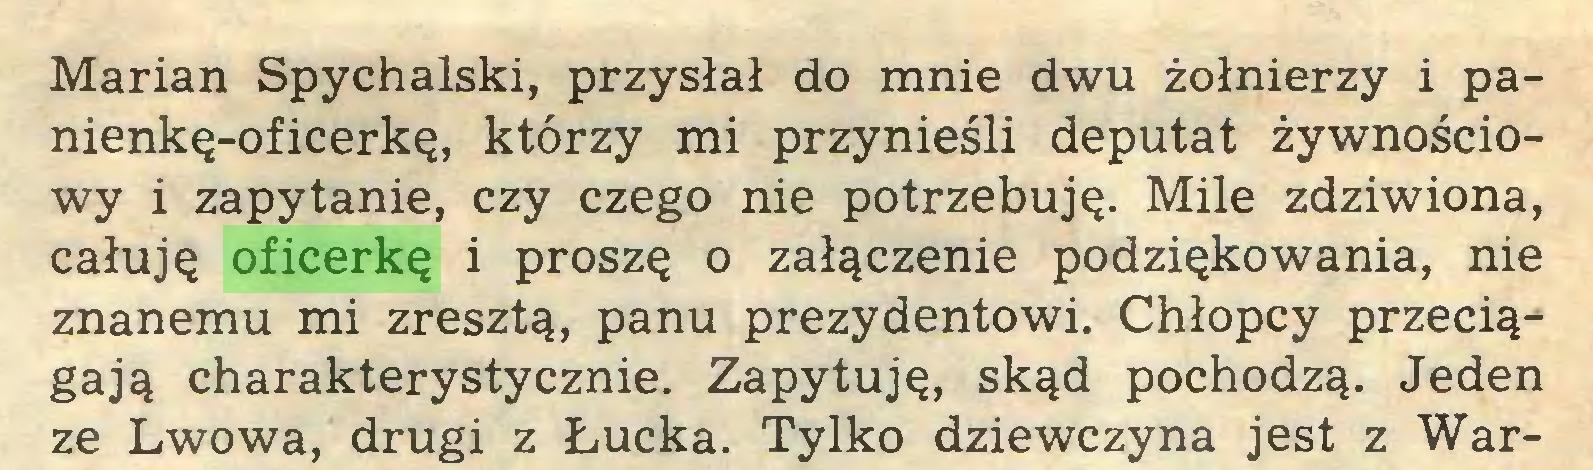 (...) Marian Spychalski, przysłał do mnie dwu żołnierzy i panienkę-oficerkę, którzy mi przynieśli deputat żywnościowy i zapytanie, czy czego nie potrzebuję. Mile zdziwiona, całuję oficerkę i proszę o załączenie podziękowania, nie znanemu mi zresztą, panu prezydentowi. Chłopcy przeciągają charakterystycznie. Zapytuję, skąd pochodzą. Jeden ze Lwowa, drugi z Łucka. Tylko dziewczyna jest z War...